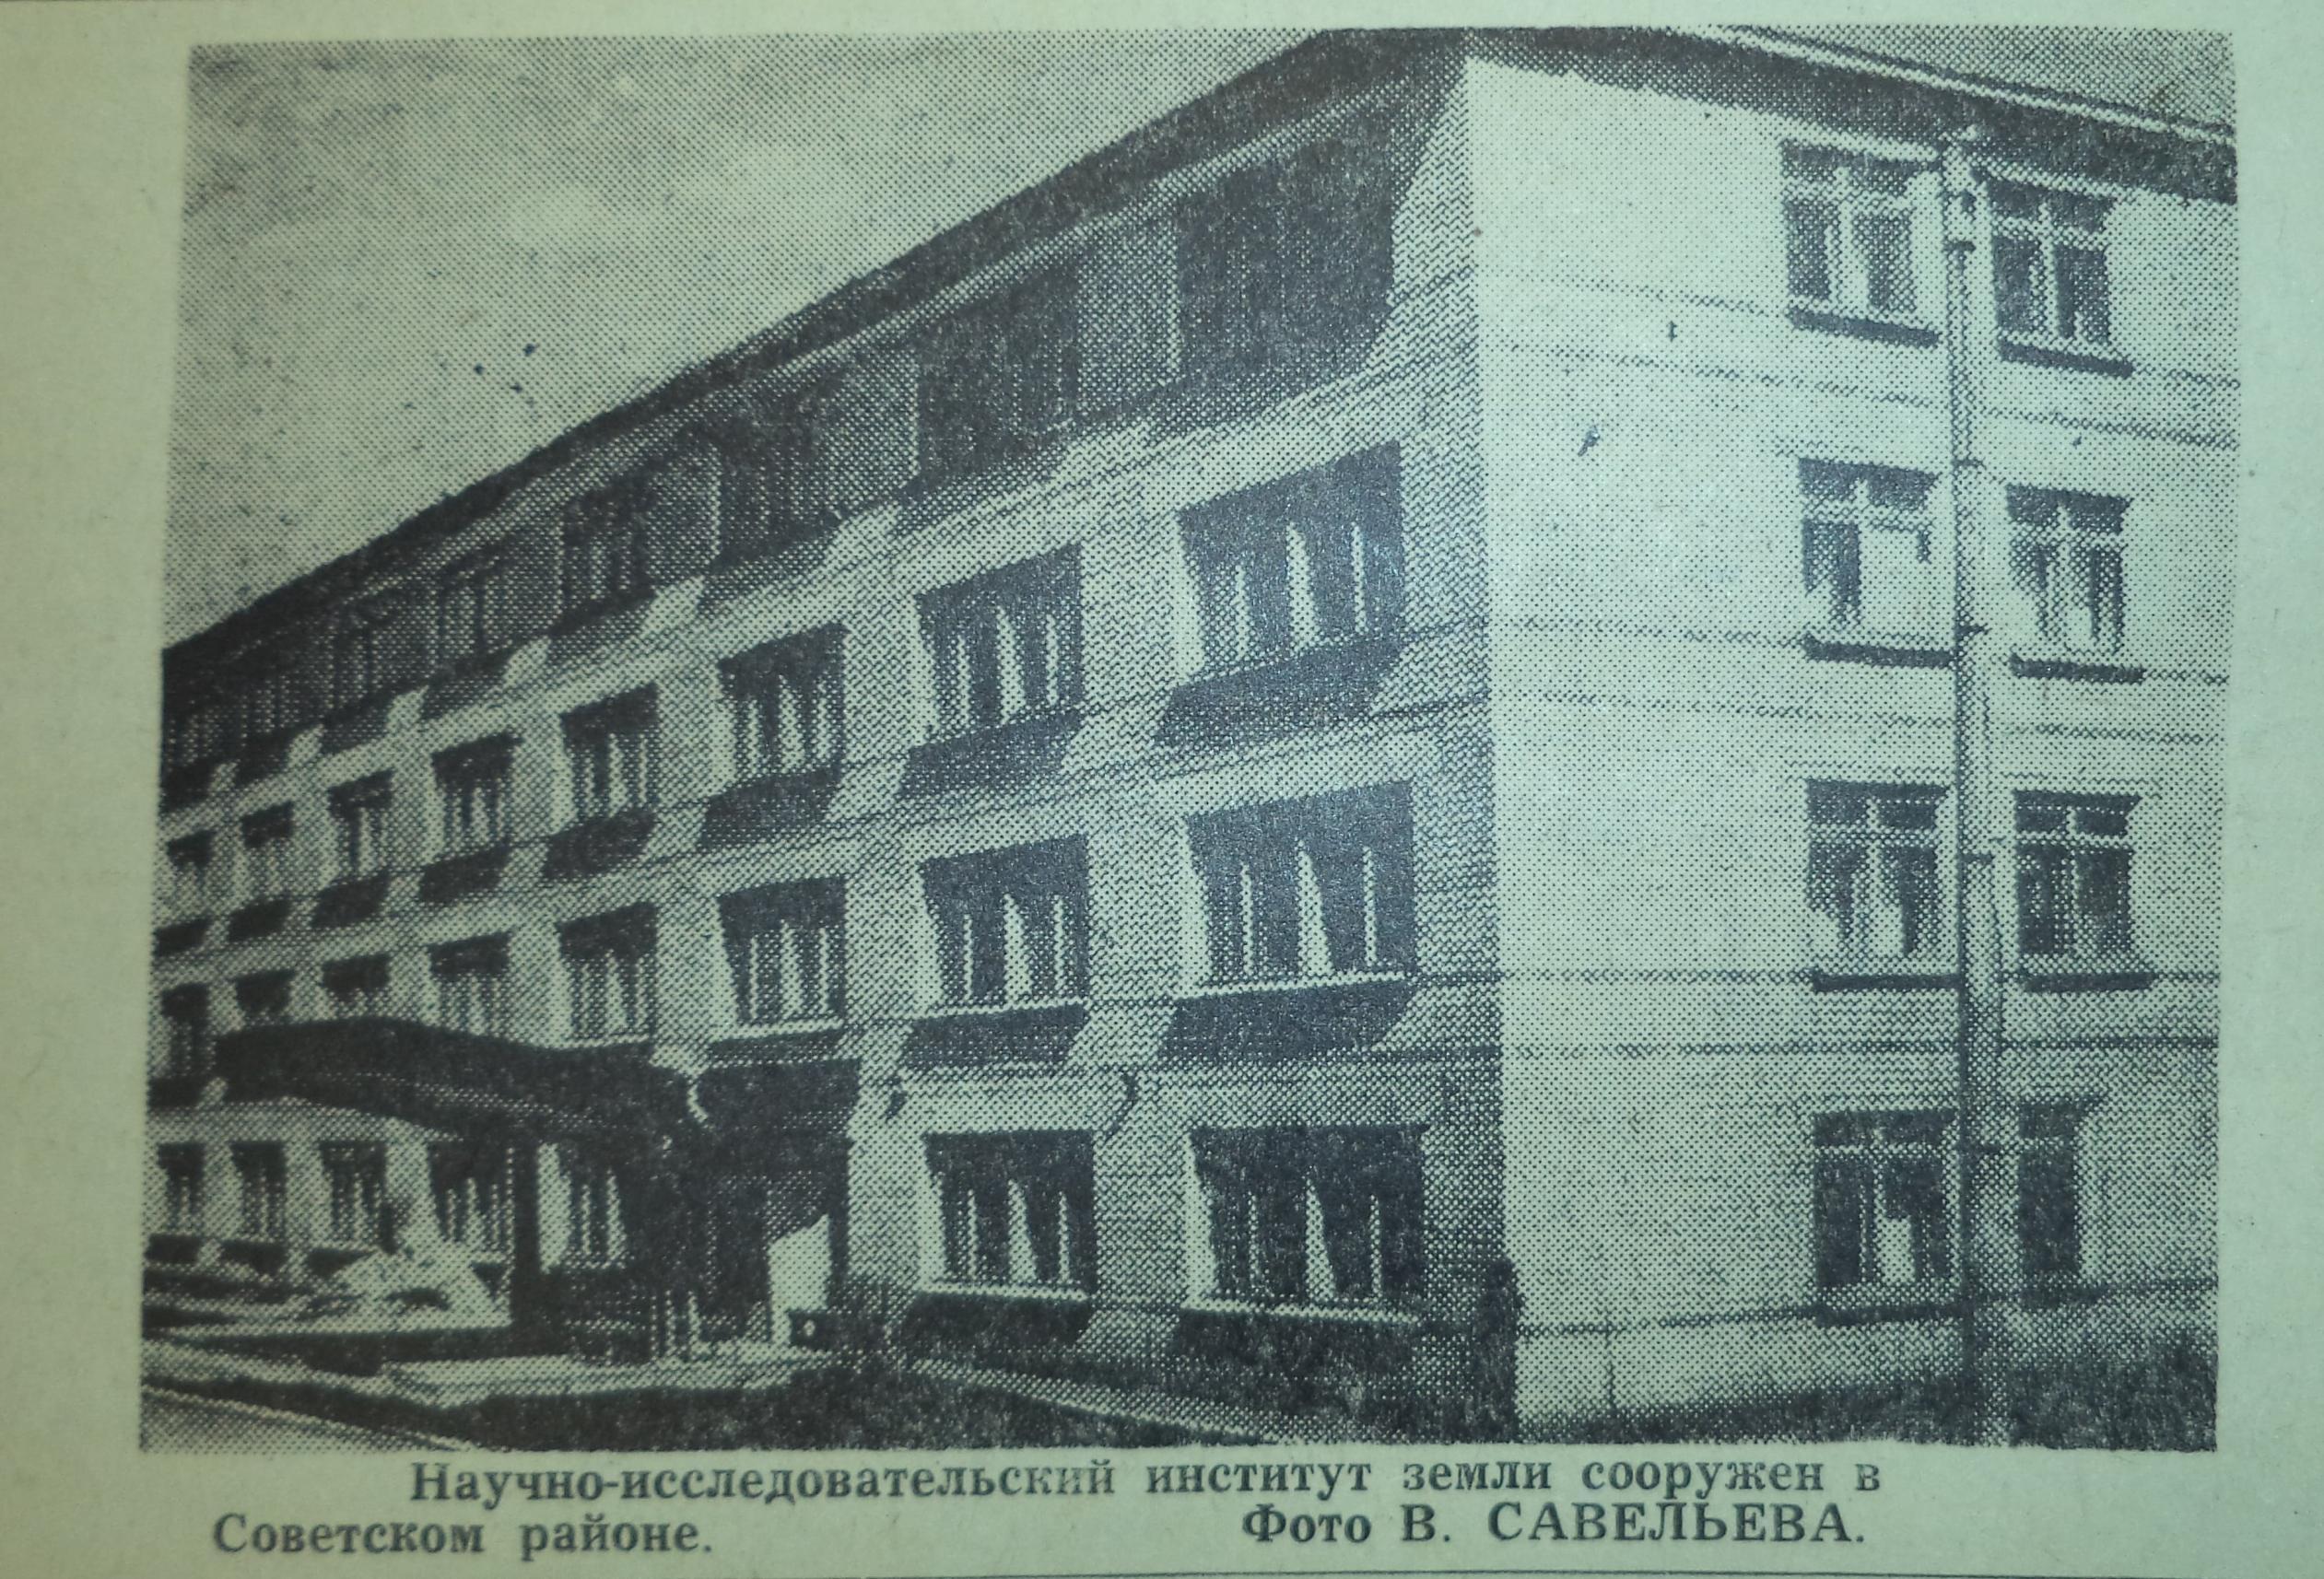 Ставропольская-ФОТО-35-Ленинское Знамя-1967-30 августа-3-min